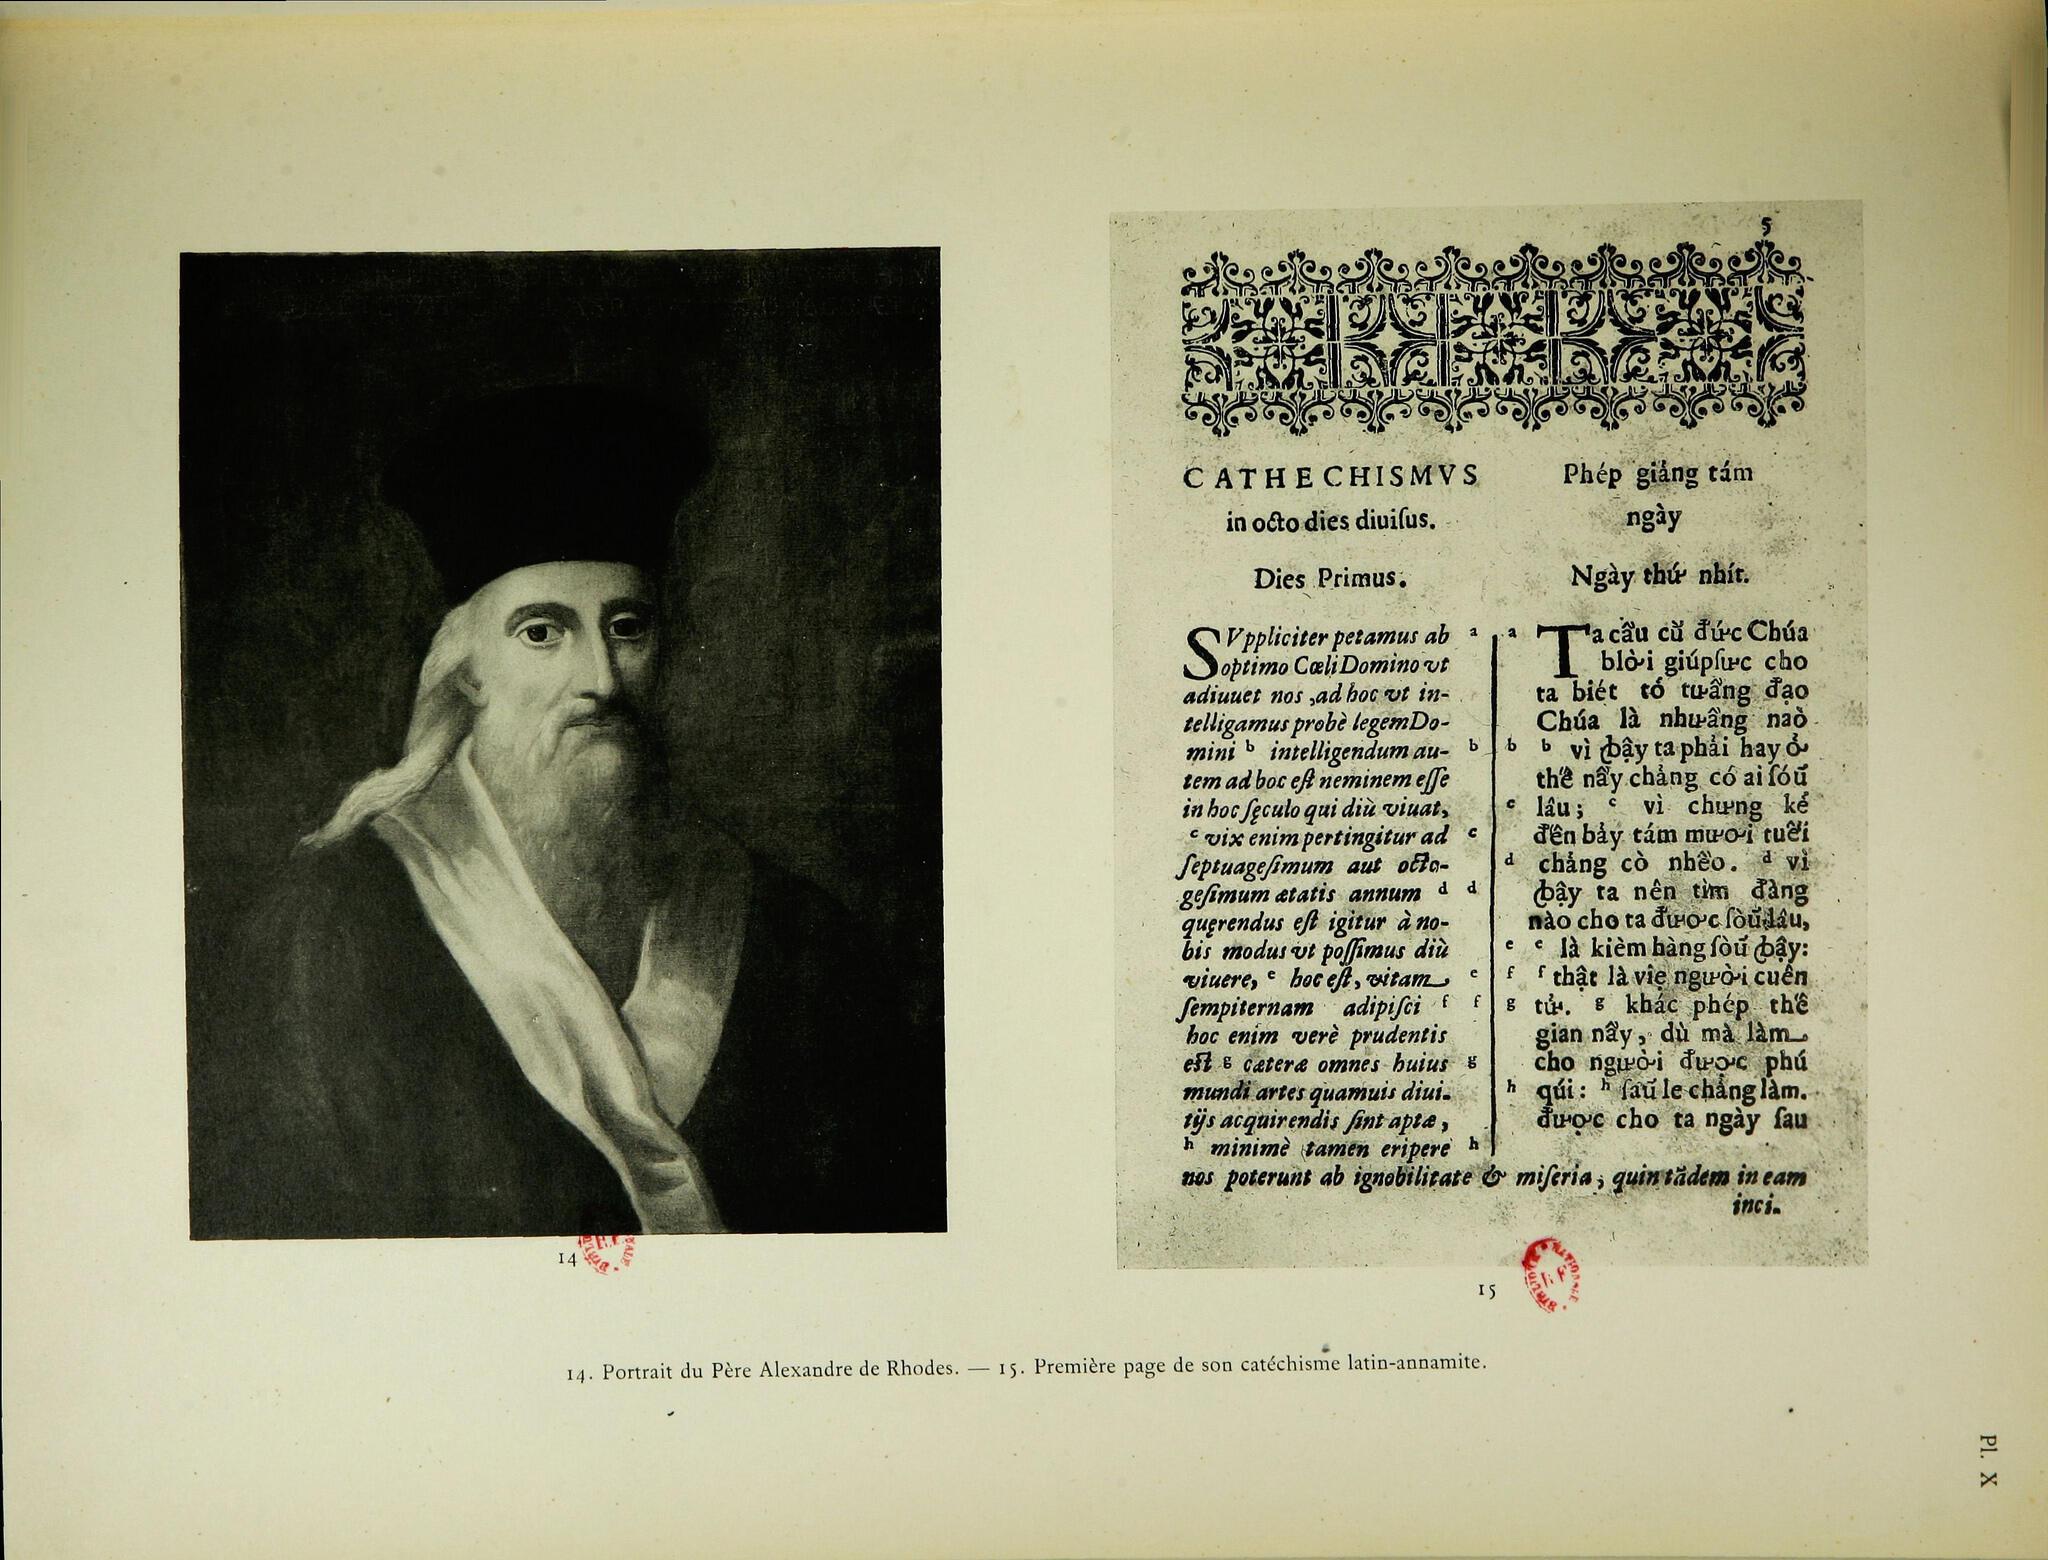 Chân dung linh mục Alexandre de Rhodes (cha Đắc-Lộ) và Phép giảng tám ngày, trích trong Tập tranh lịch sử về xứ Đông Dương thuộc Pháp, 1931.